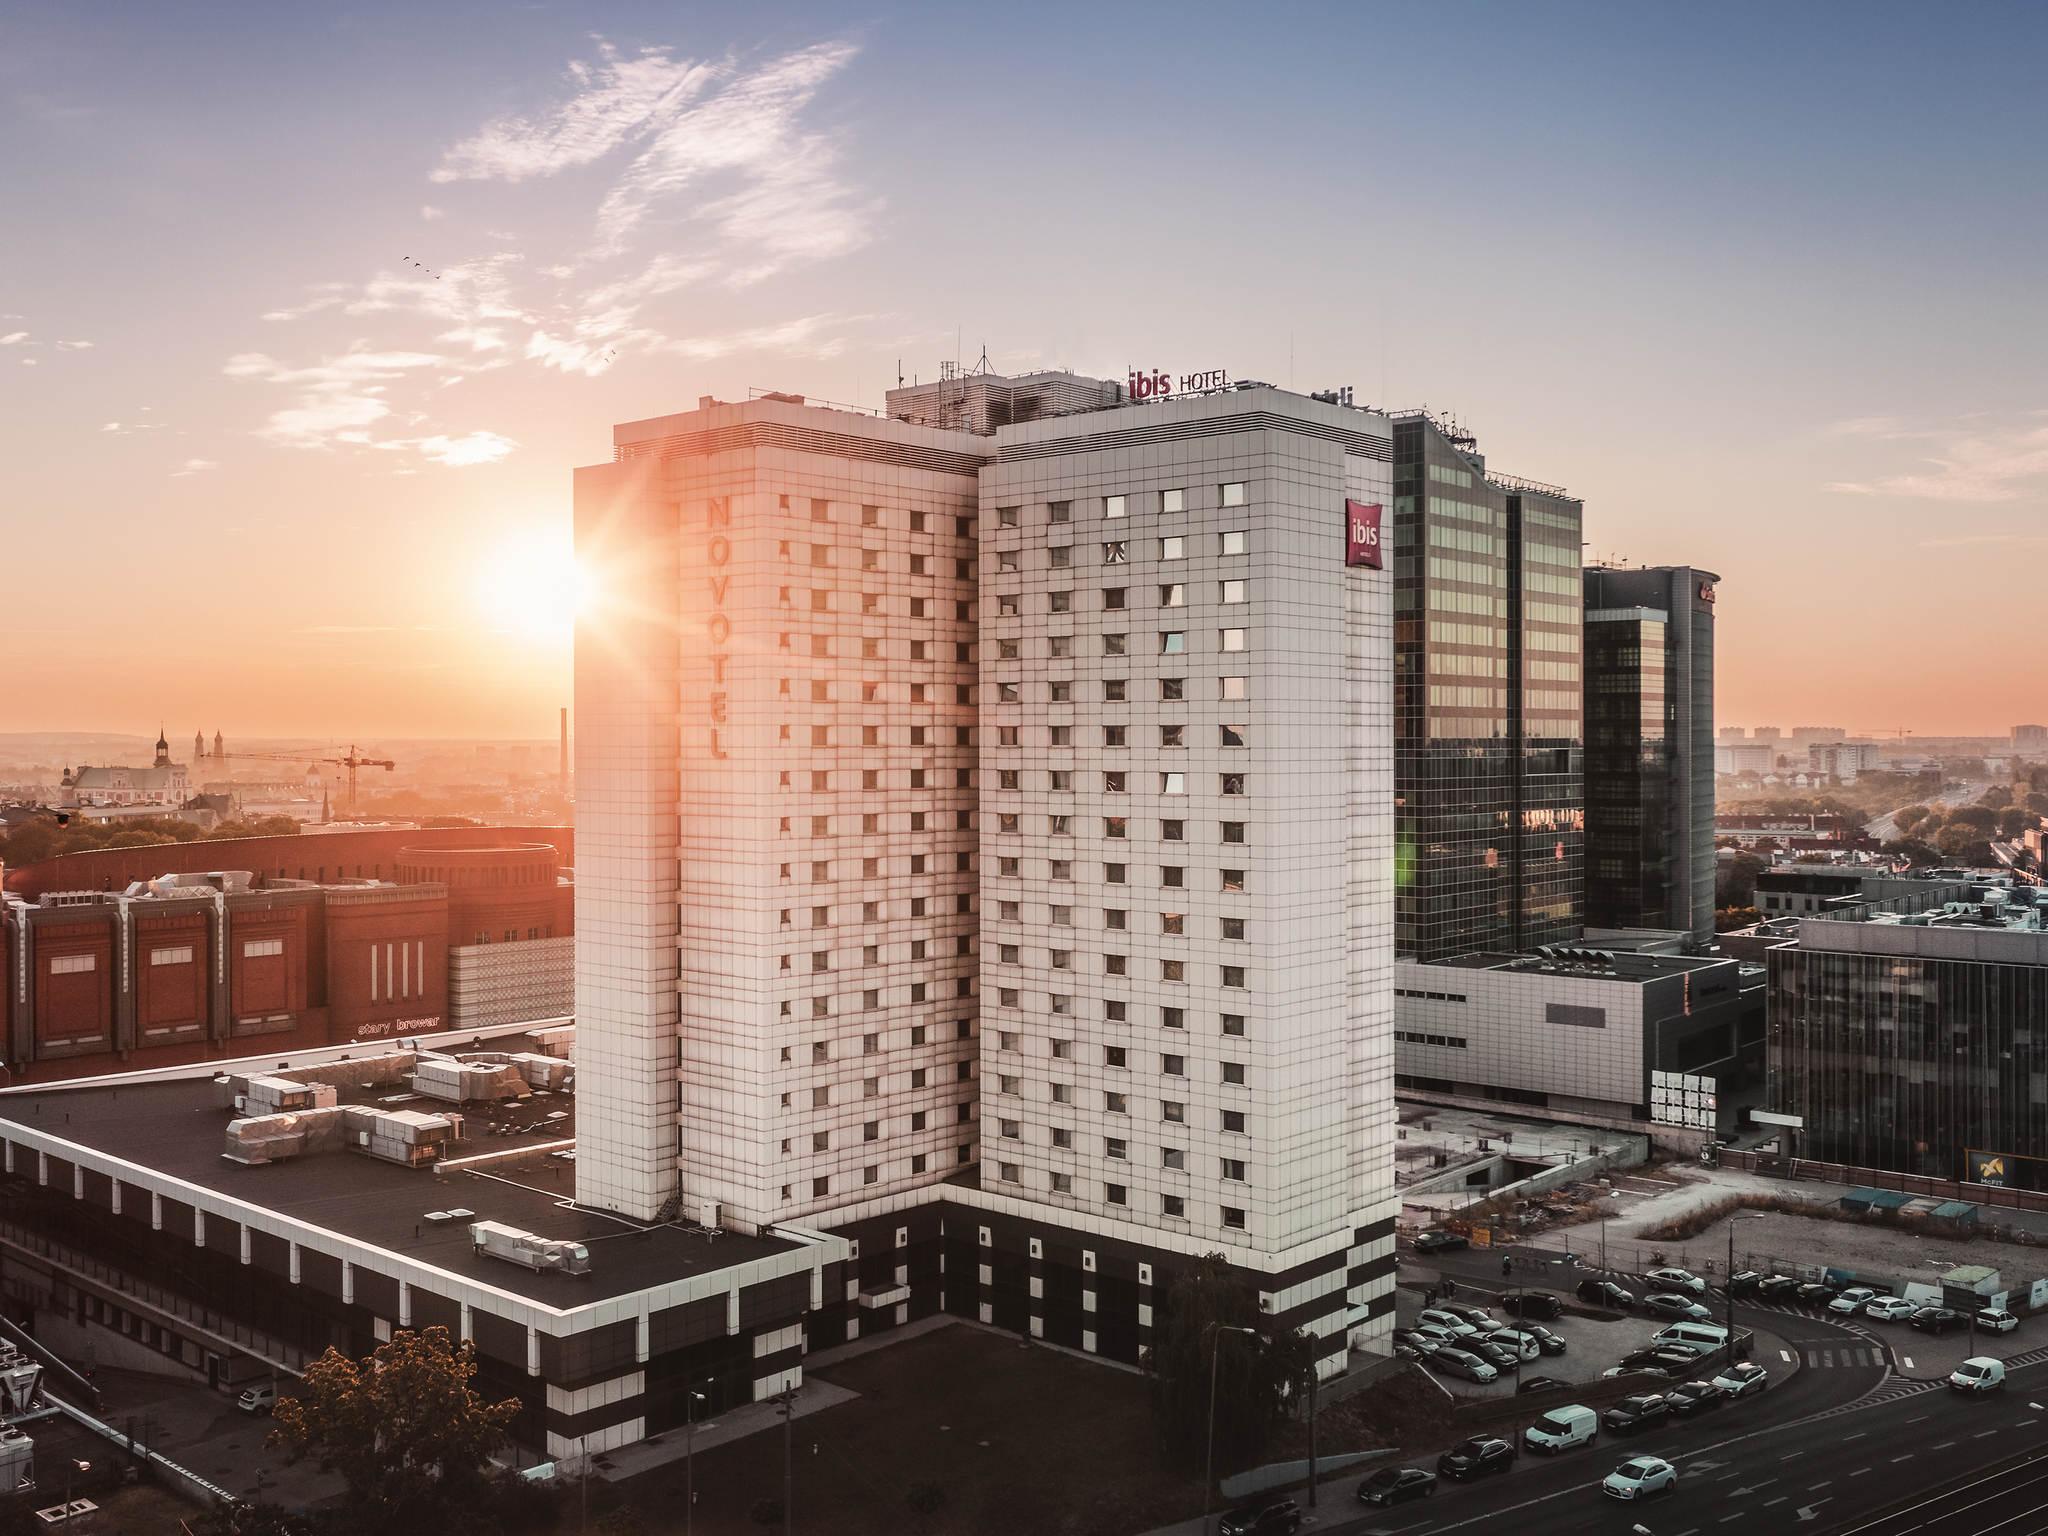 Hotell – Ibis Poznan Centrum (öppnar i april 2019)